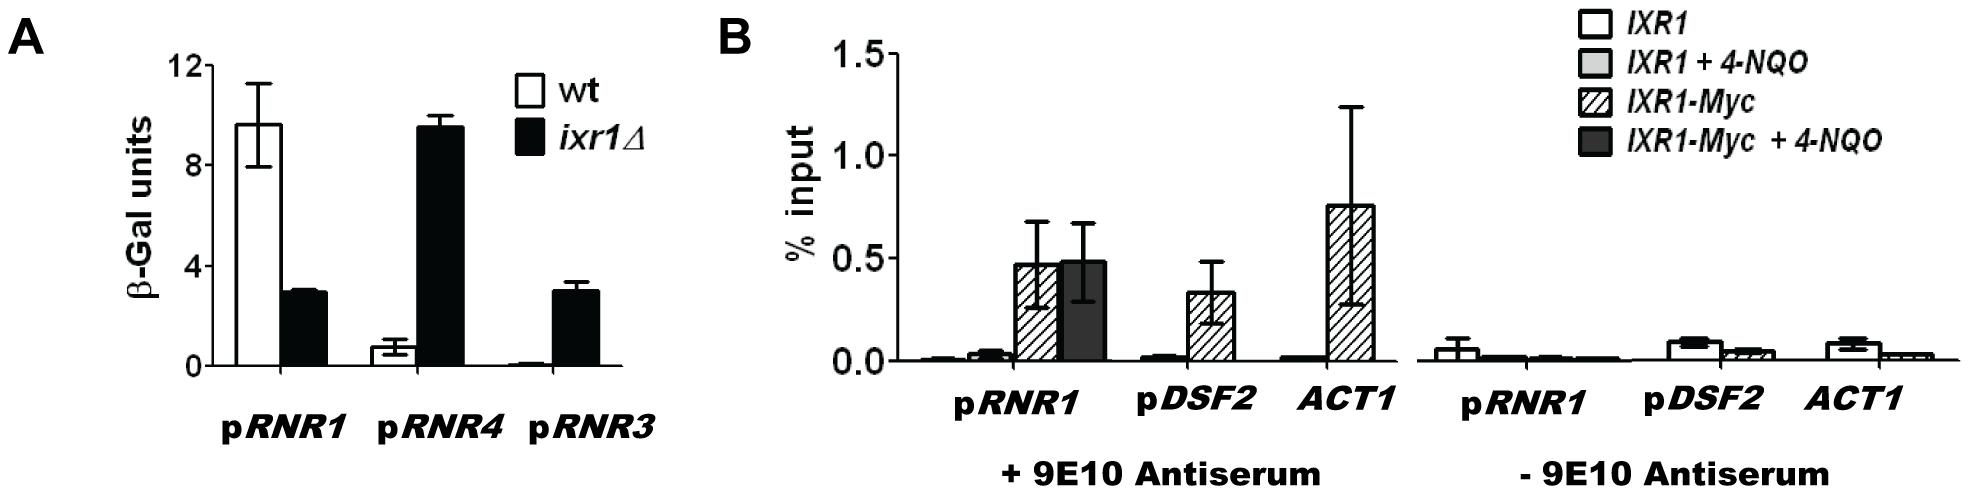 Ixr1 regulates <i>RNR1</i> promoter activity.